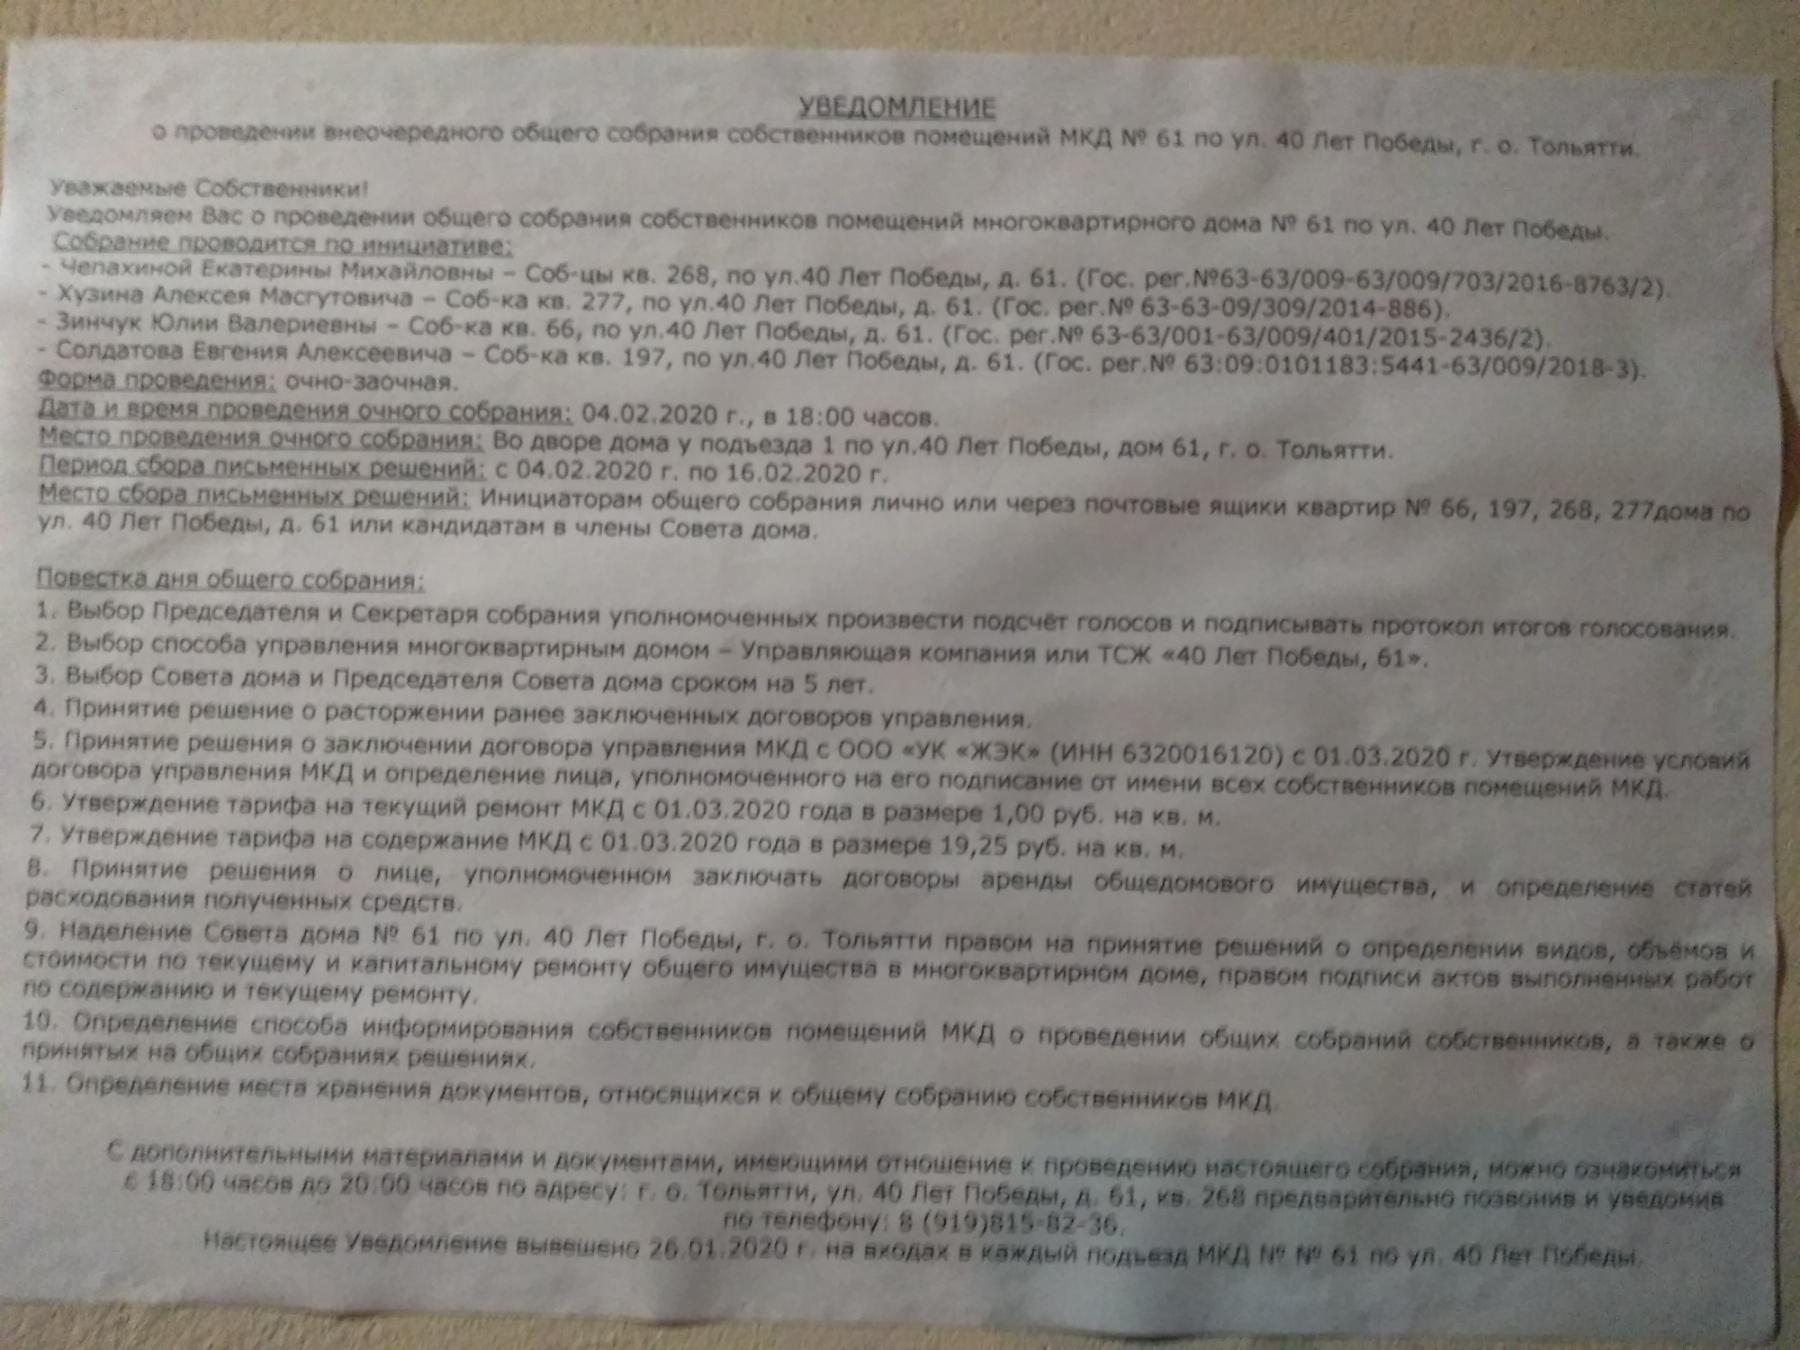 Уведомление о проведении ОСС